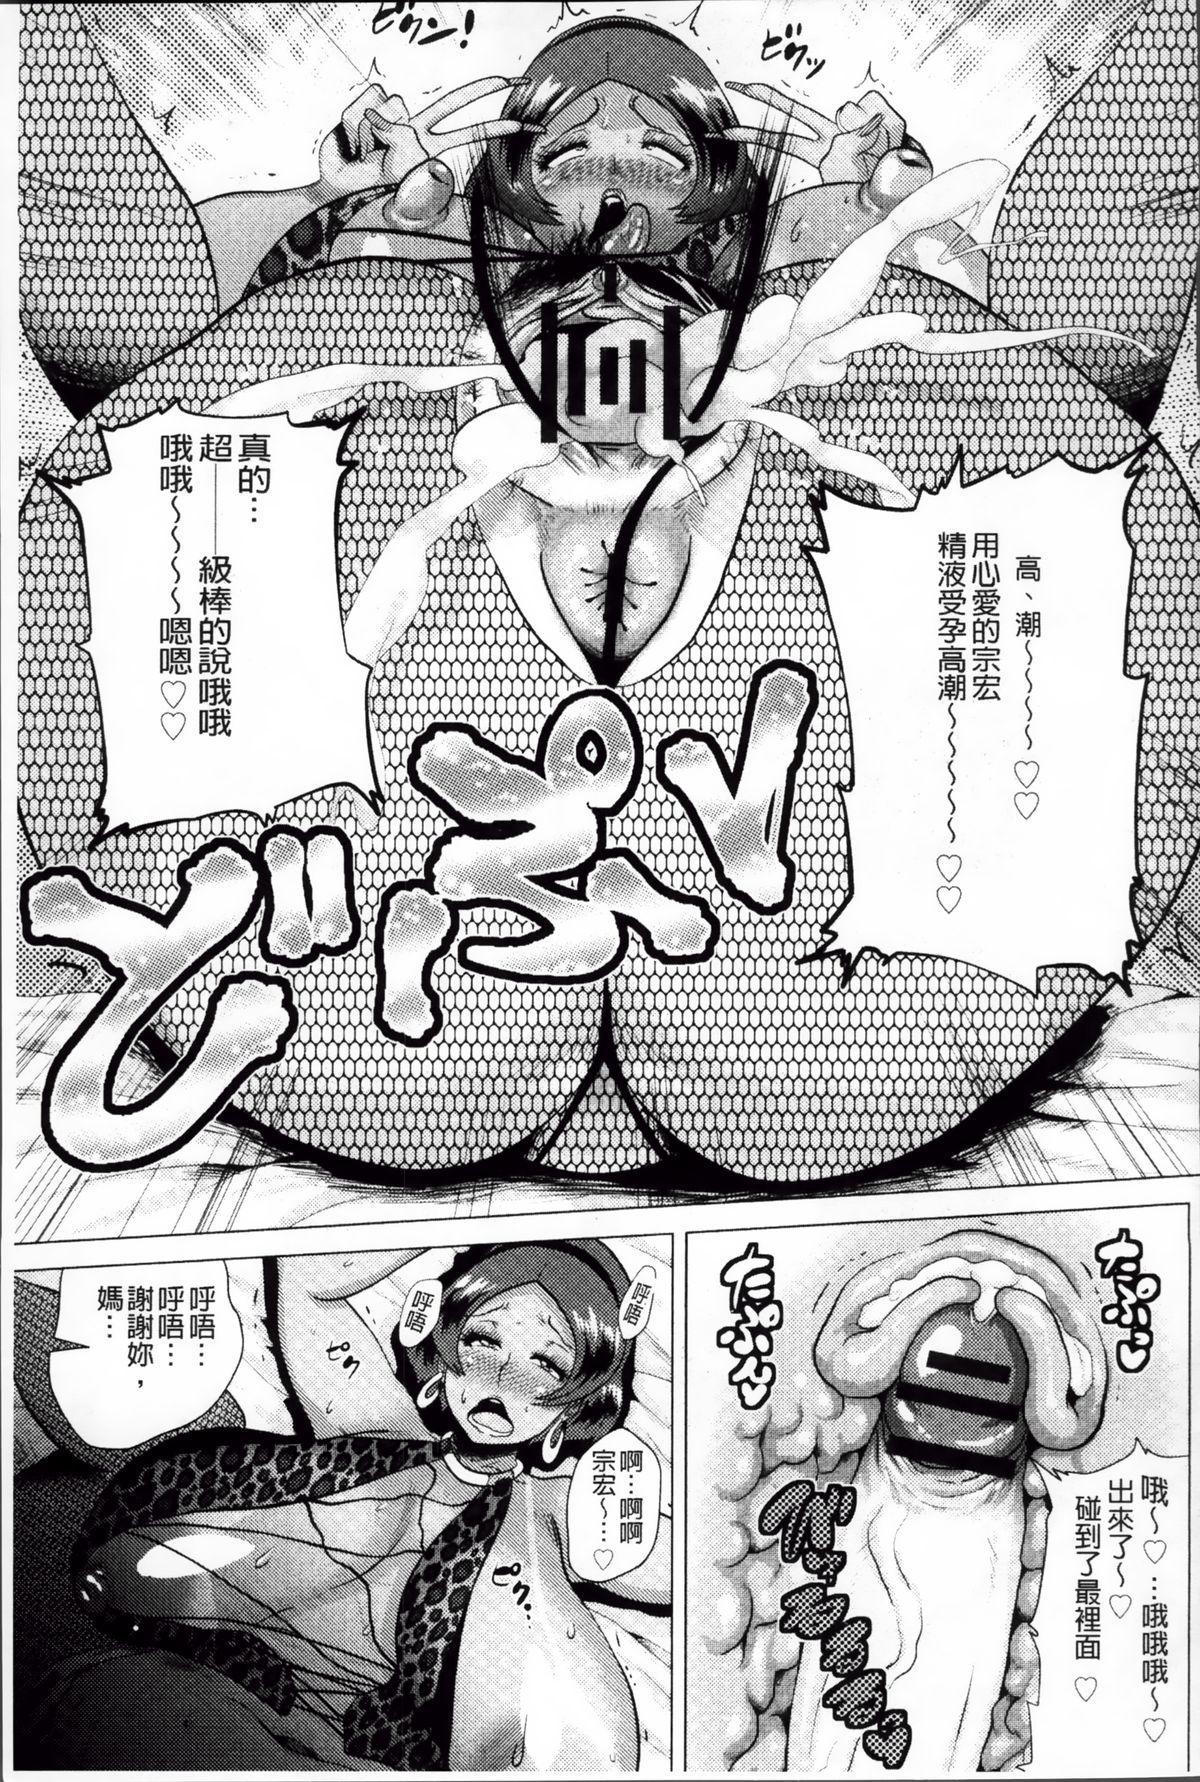 Megabody Night - Watashi no Oniku o Meshiagare 52